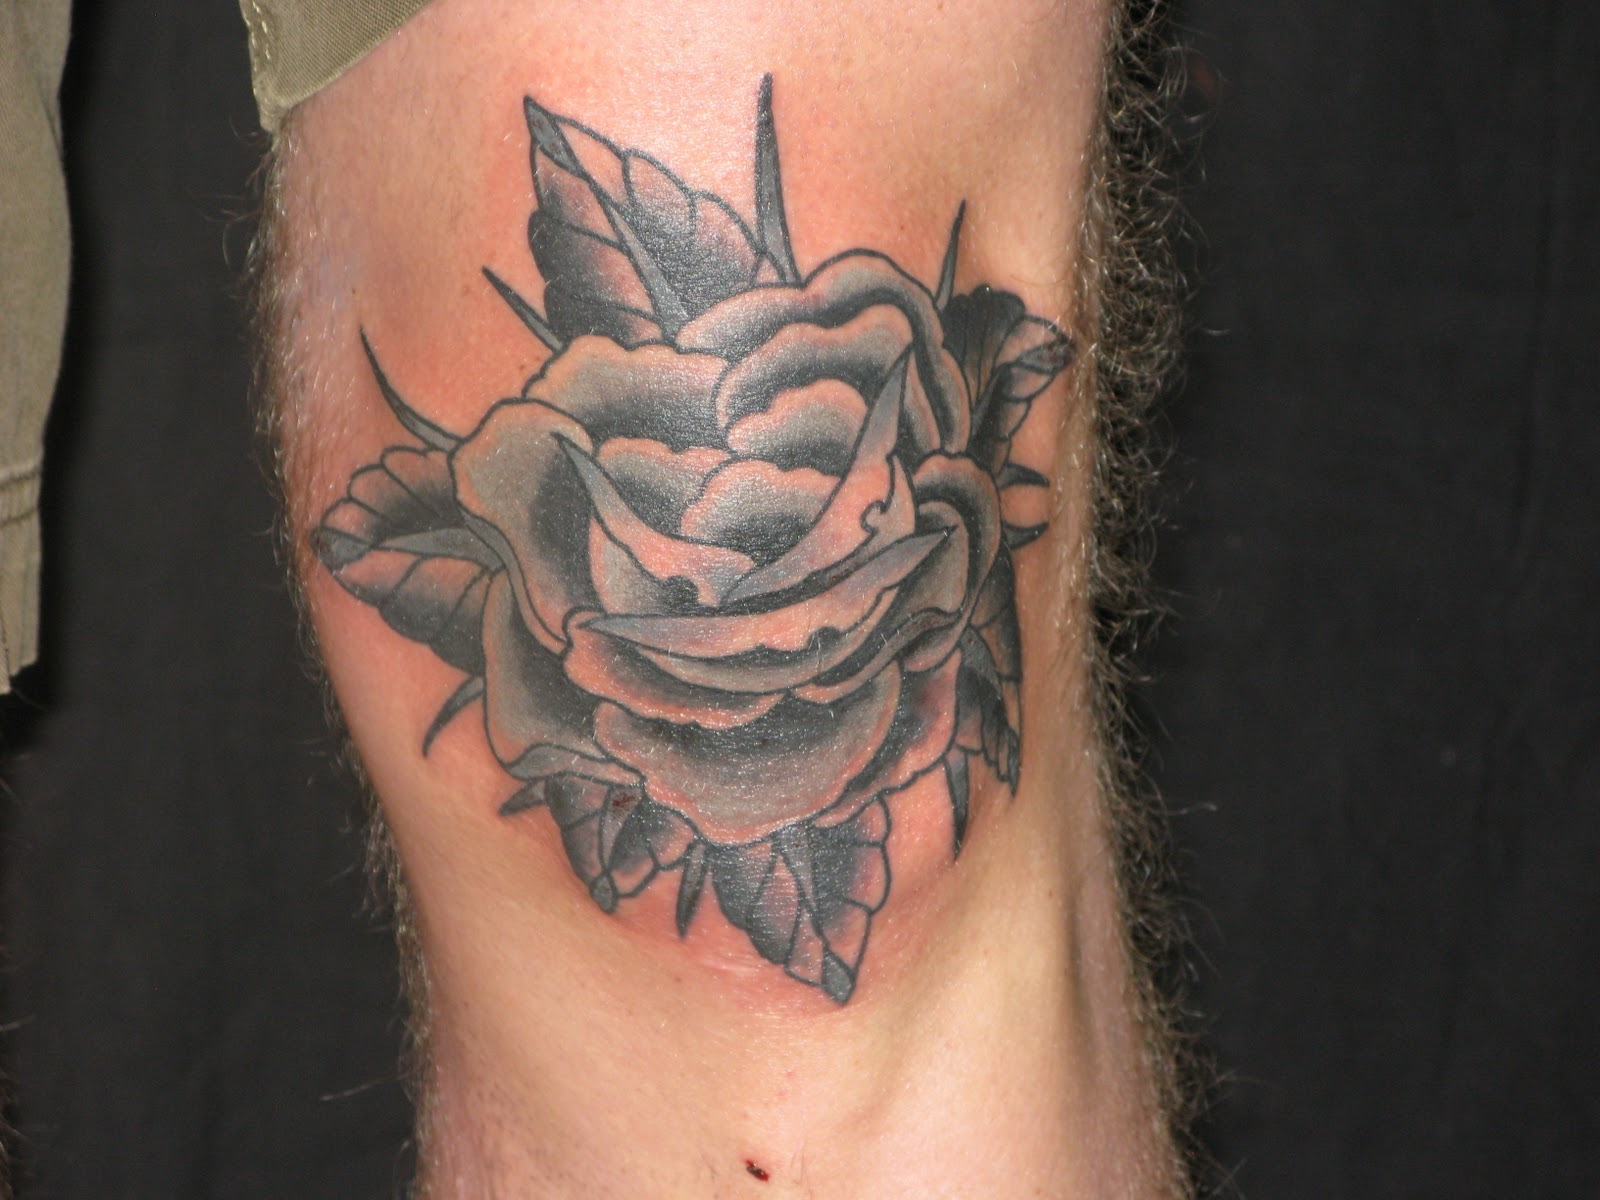 Jeb maykut flyrite tattoo flower knee tattoo and tiger head knee flower knee tattoo and tiger head knee tattoo izmirmasajfo